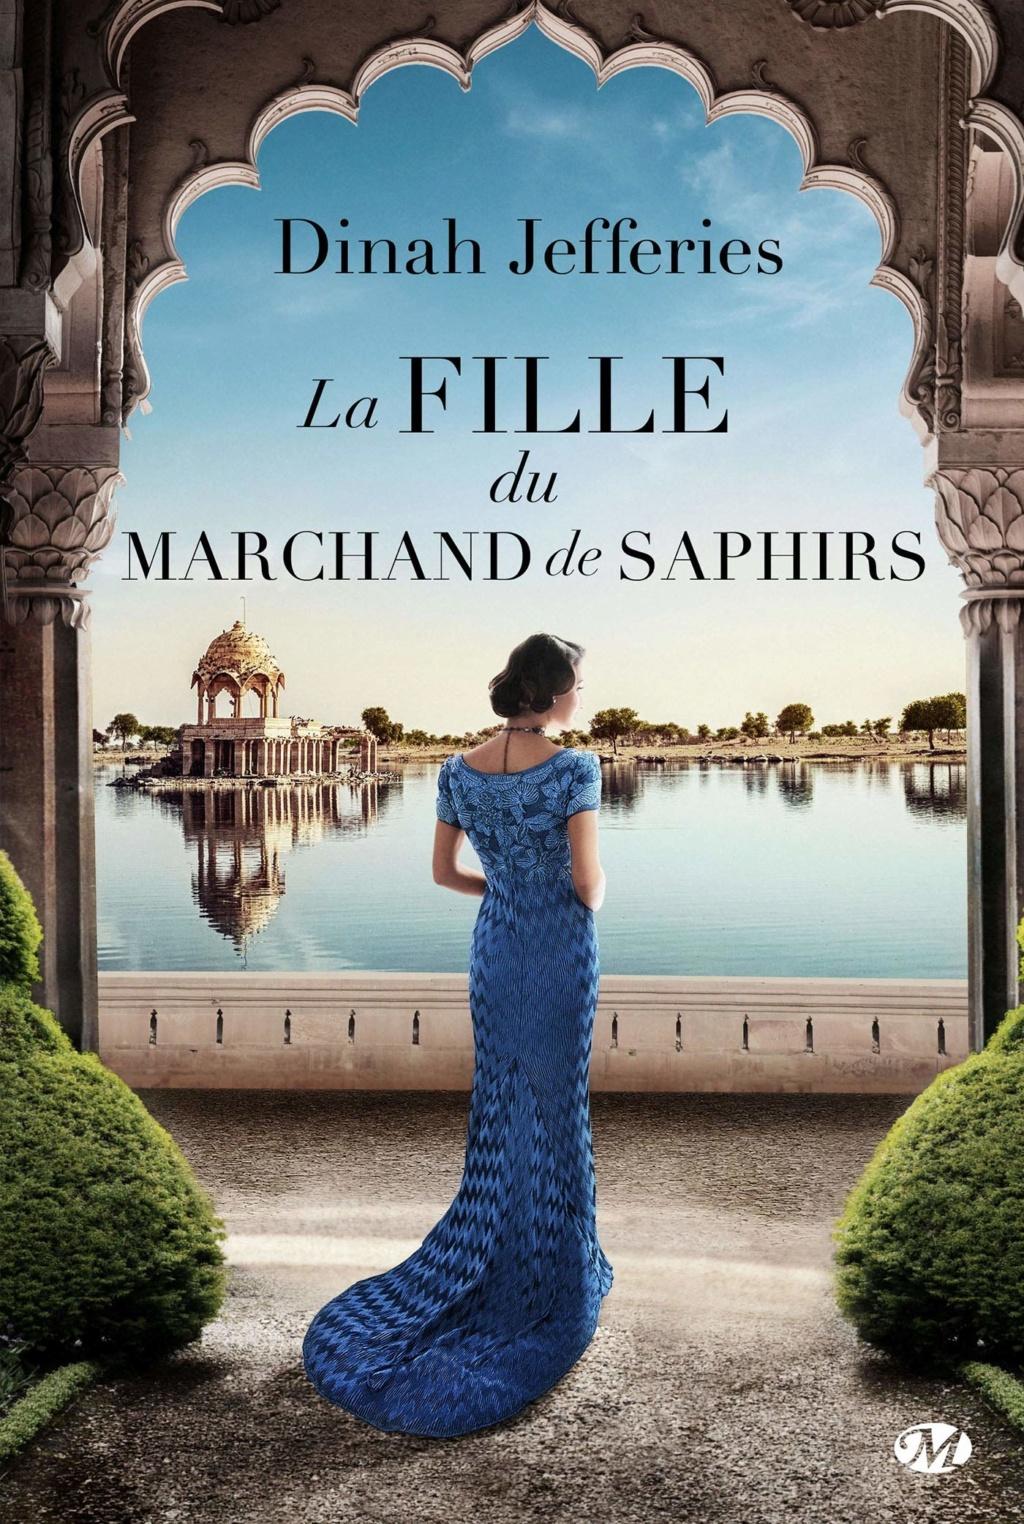 JEFFERIES Dinah - La fille du marchand de saphirs 81m7nc10